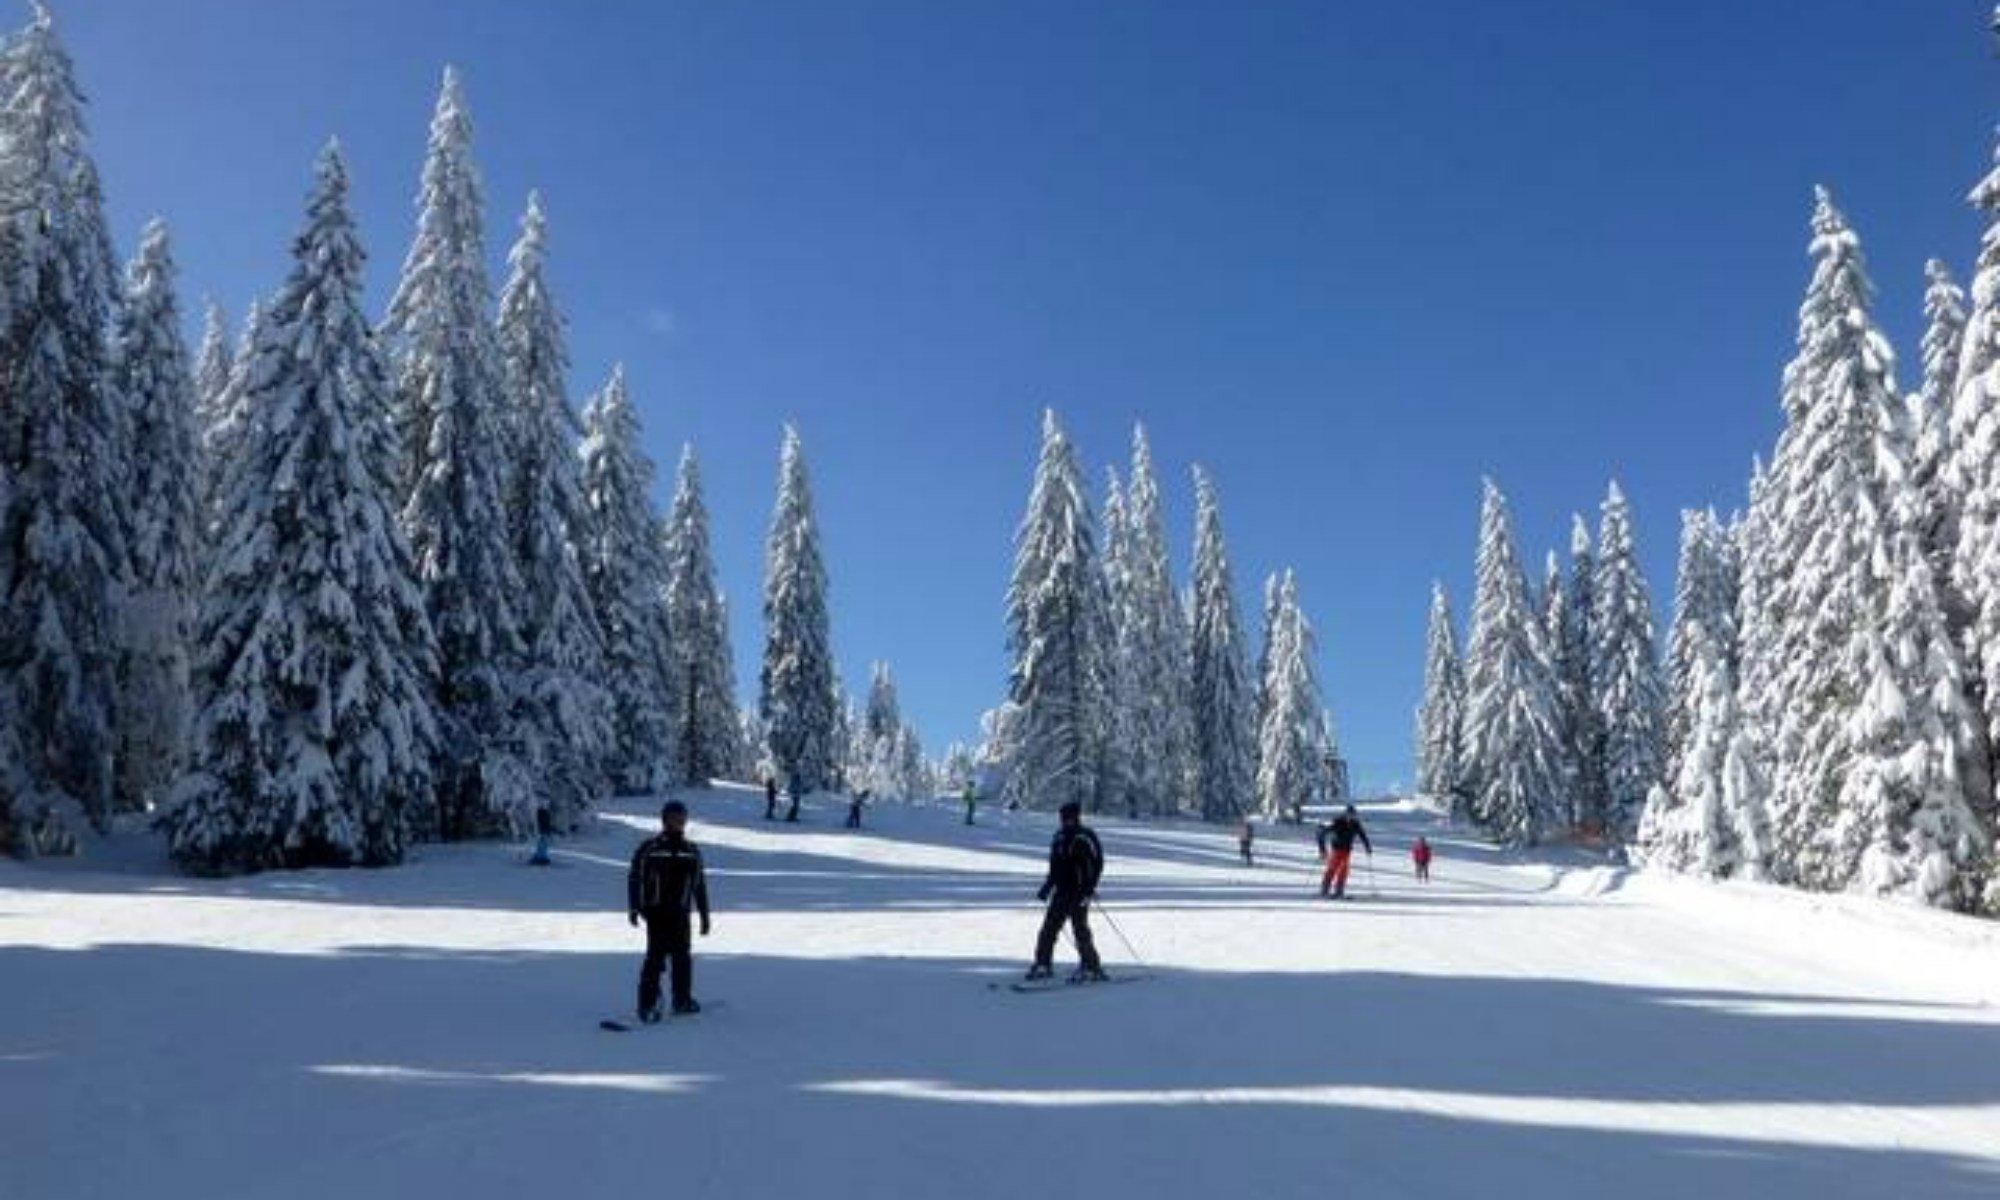 Skifahrer auf einer tief verschneiten Piste im Wald des Skigebiets Feldberg.